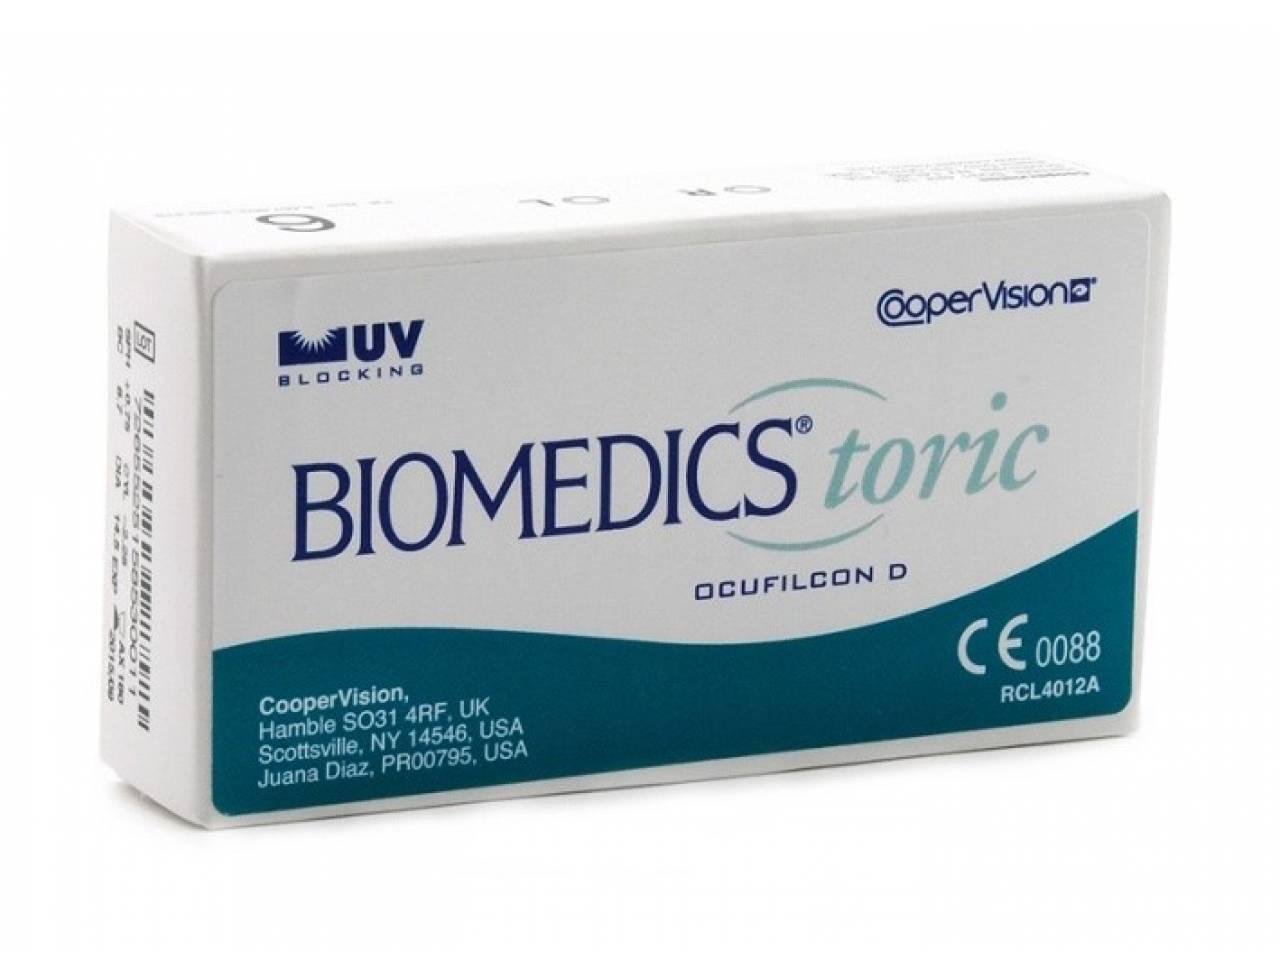 Торические контактные линзы Cooper Vision Biomedics Toric UV - Фото №7